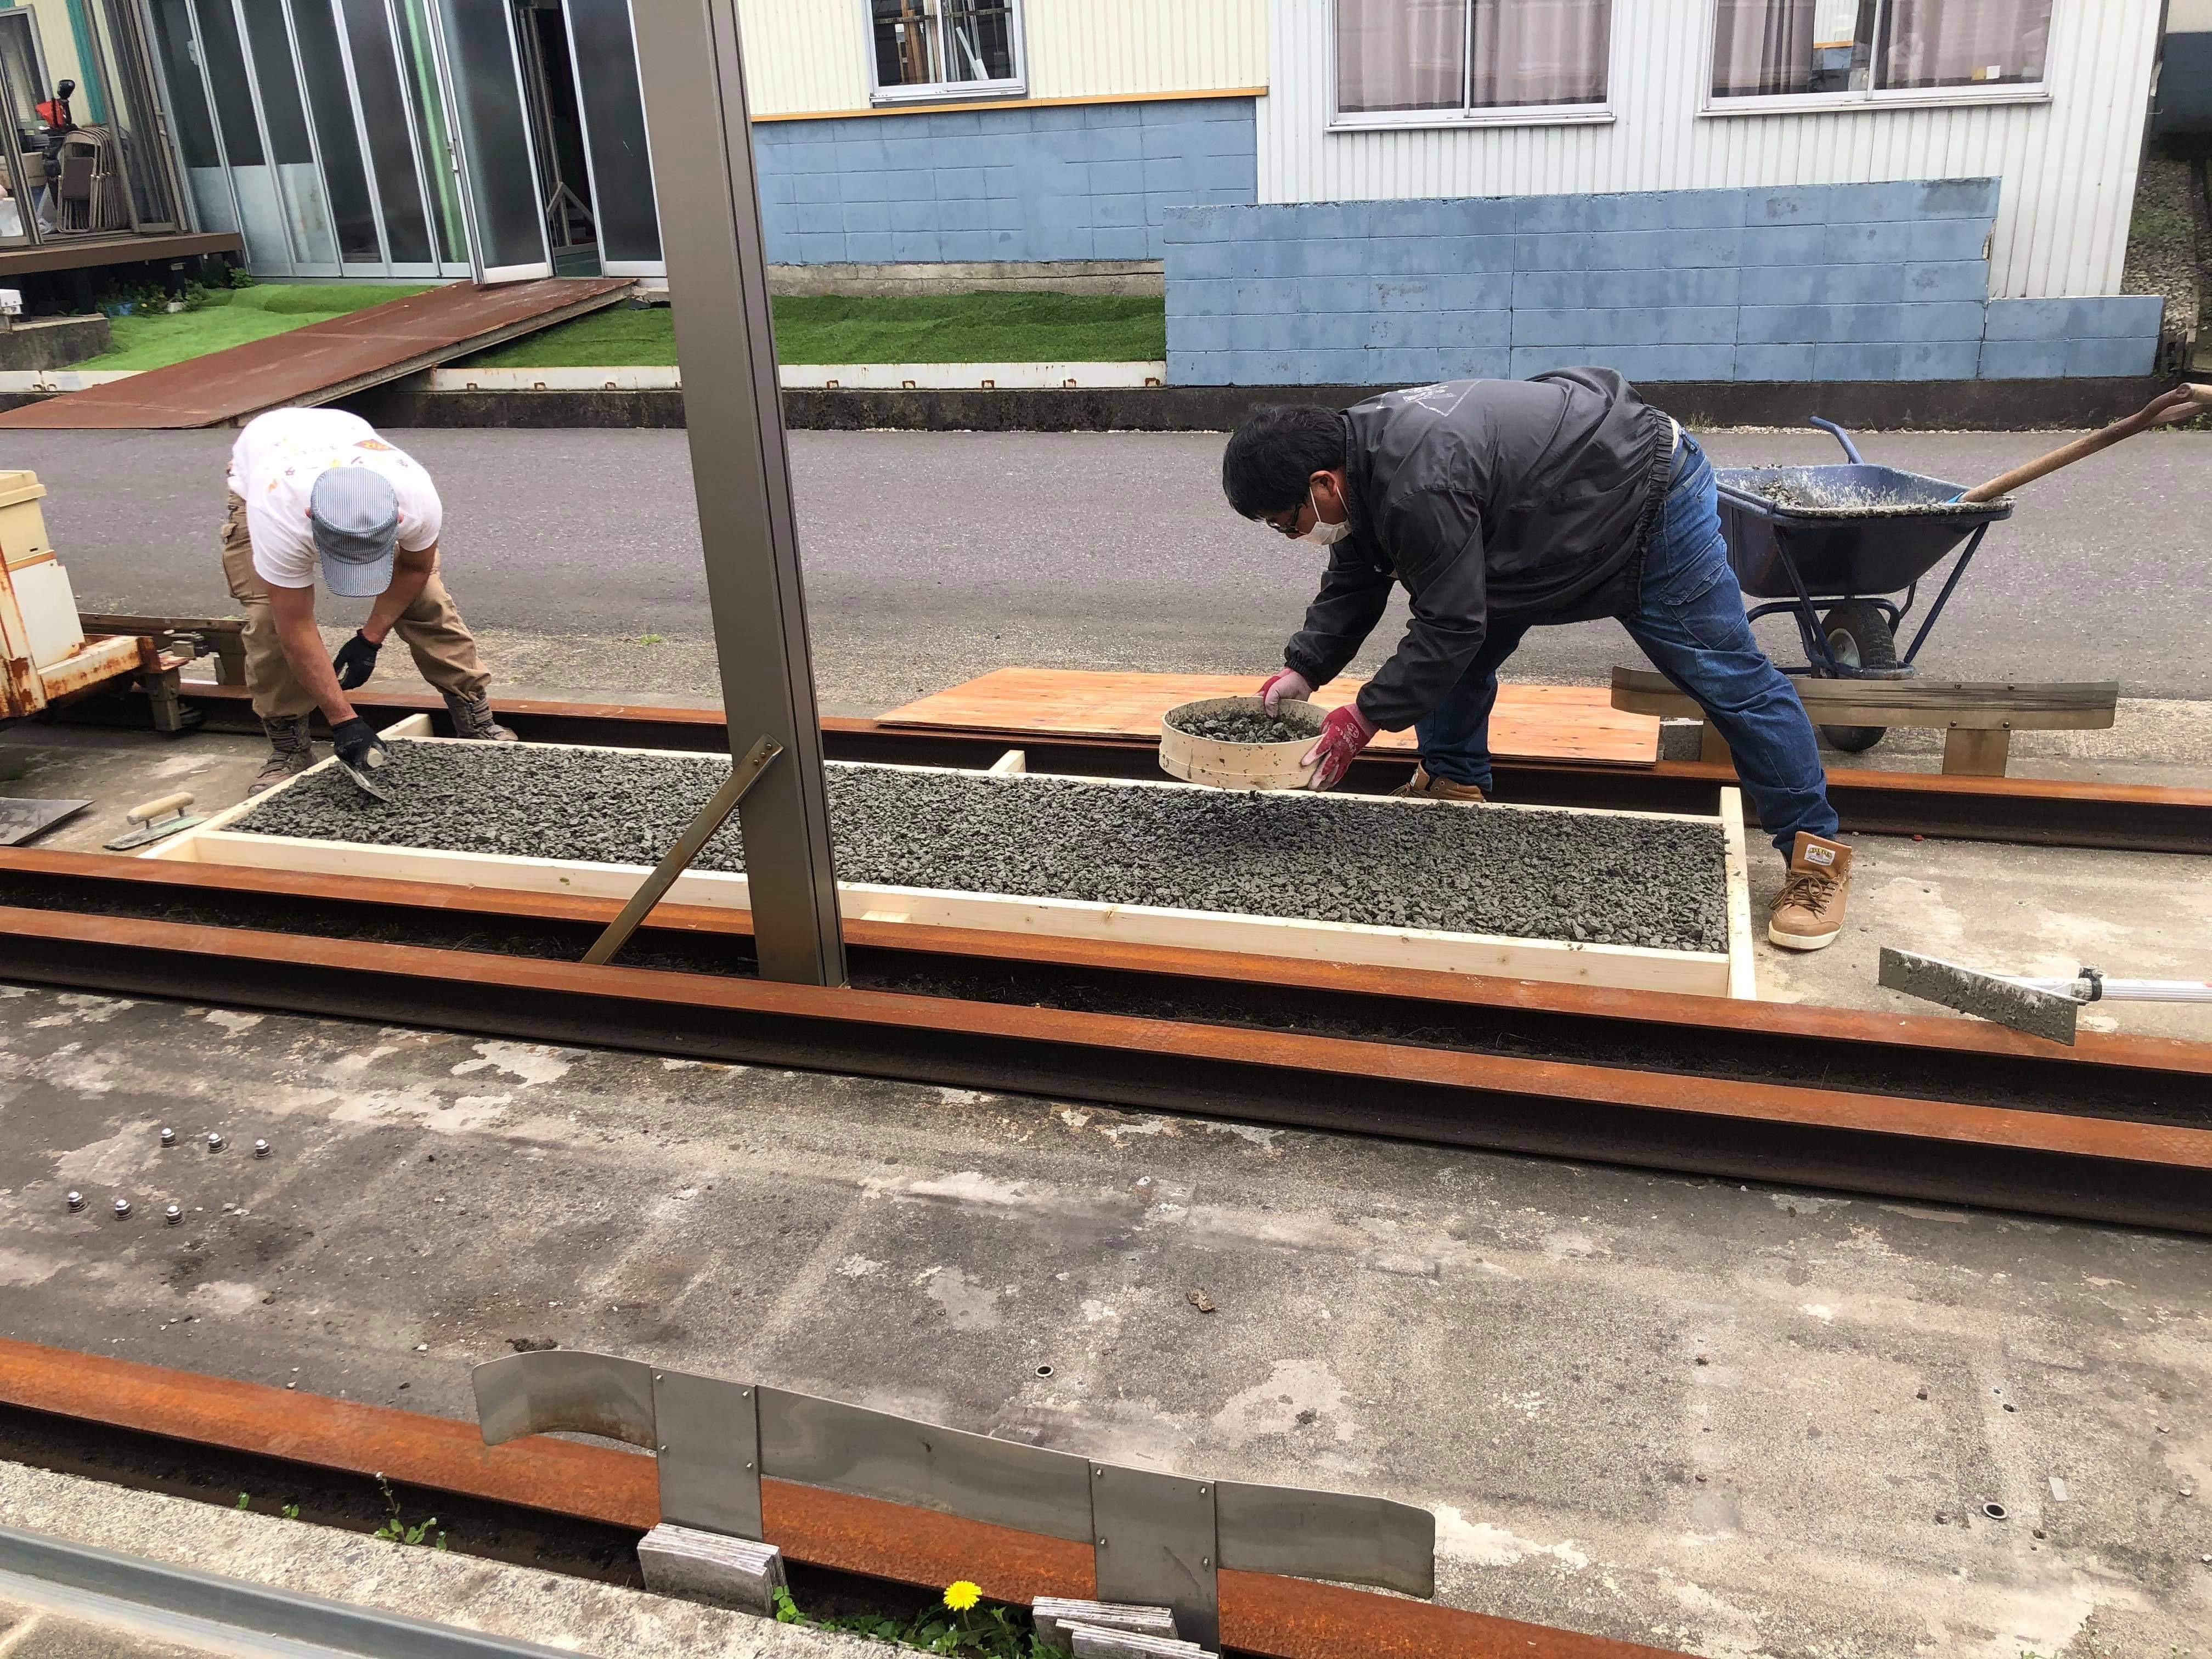 【福井】「ドライテックで舗装と基礎を兼ねるカーテンゲート」TOKO・エクスショップ